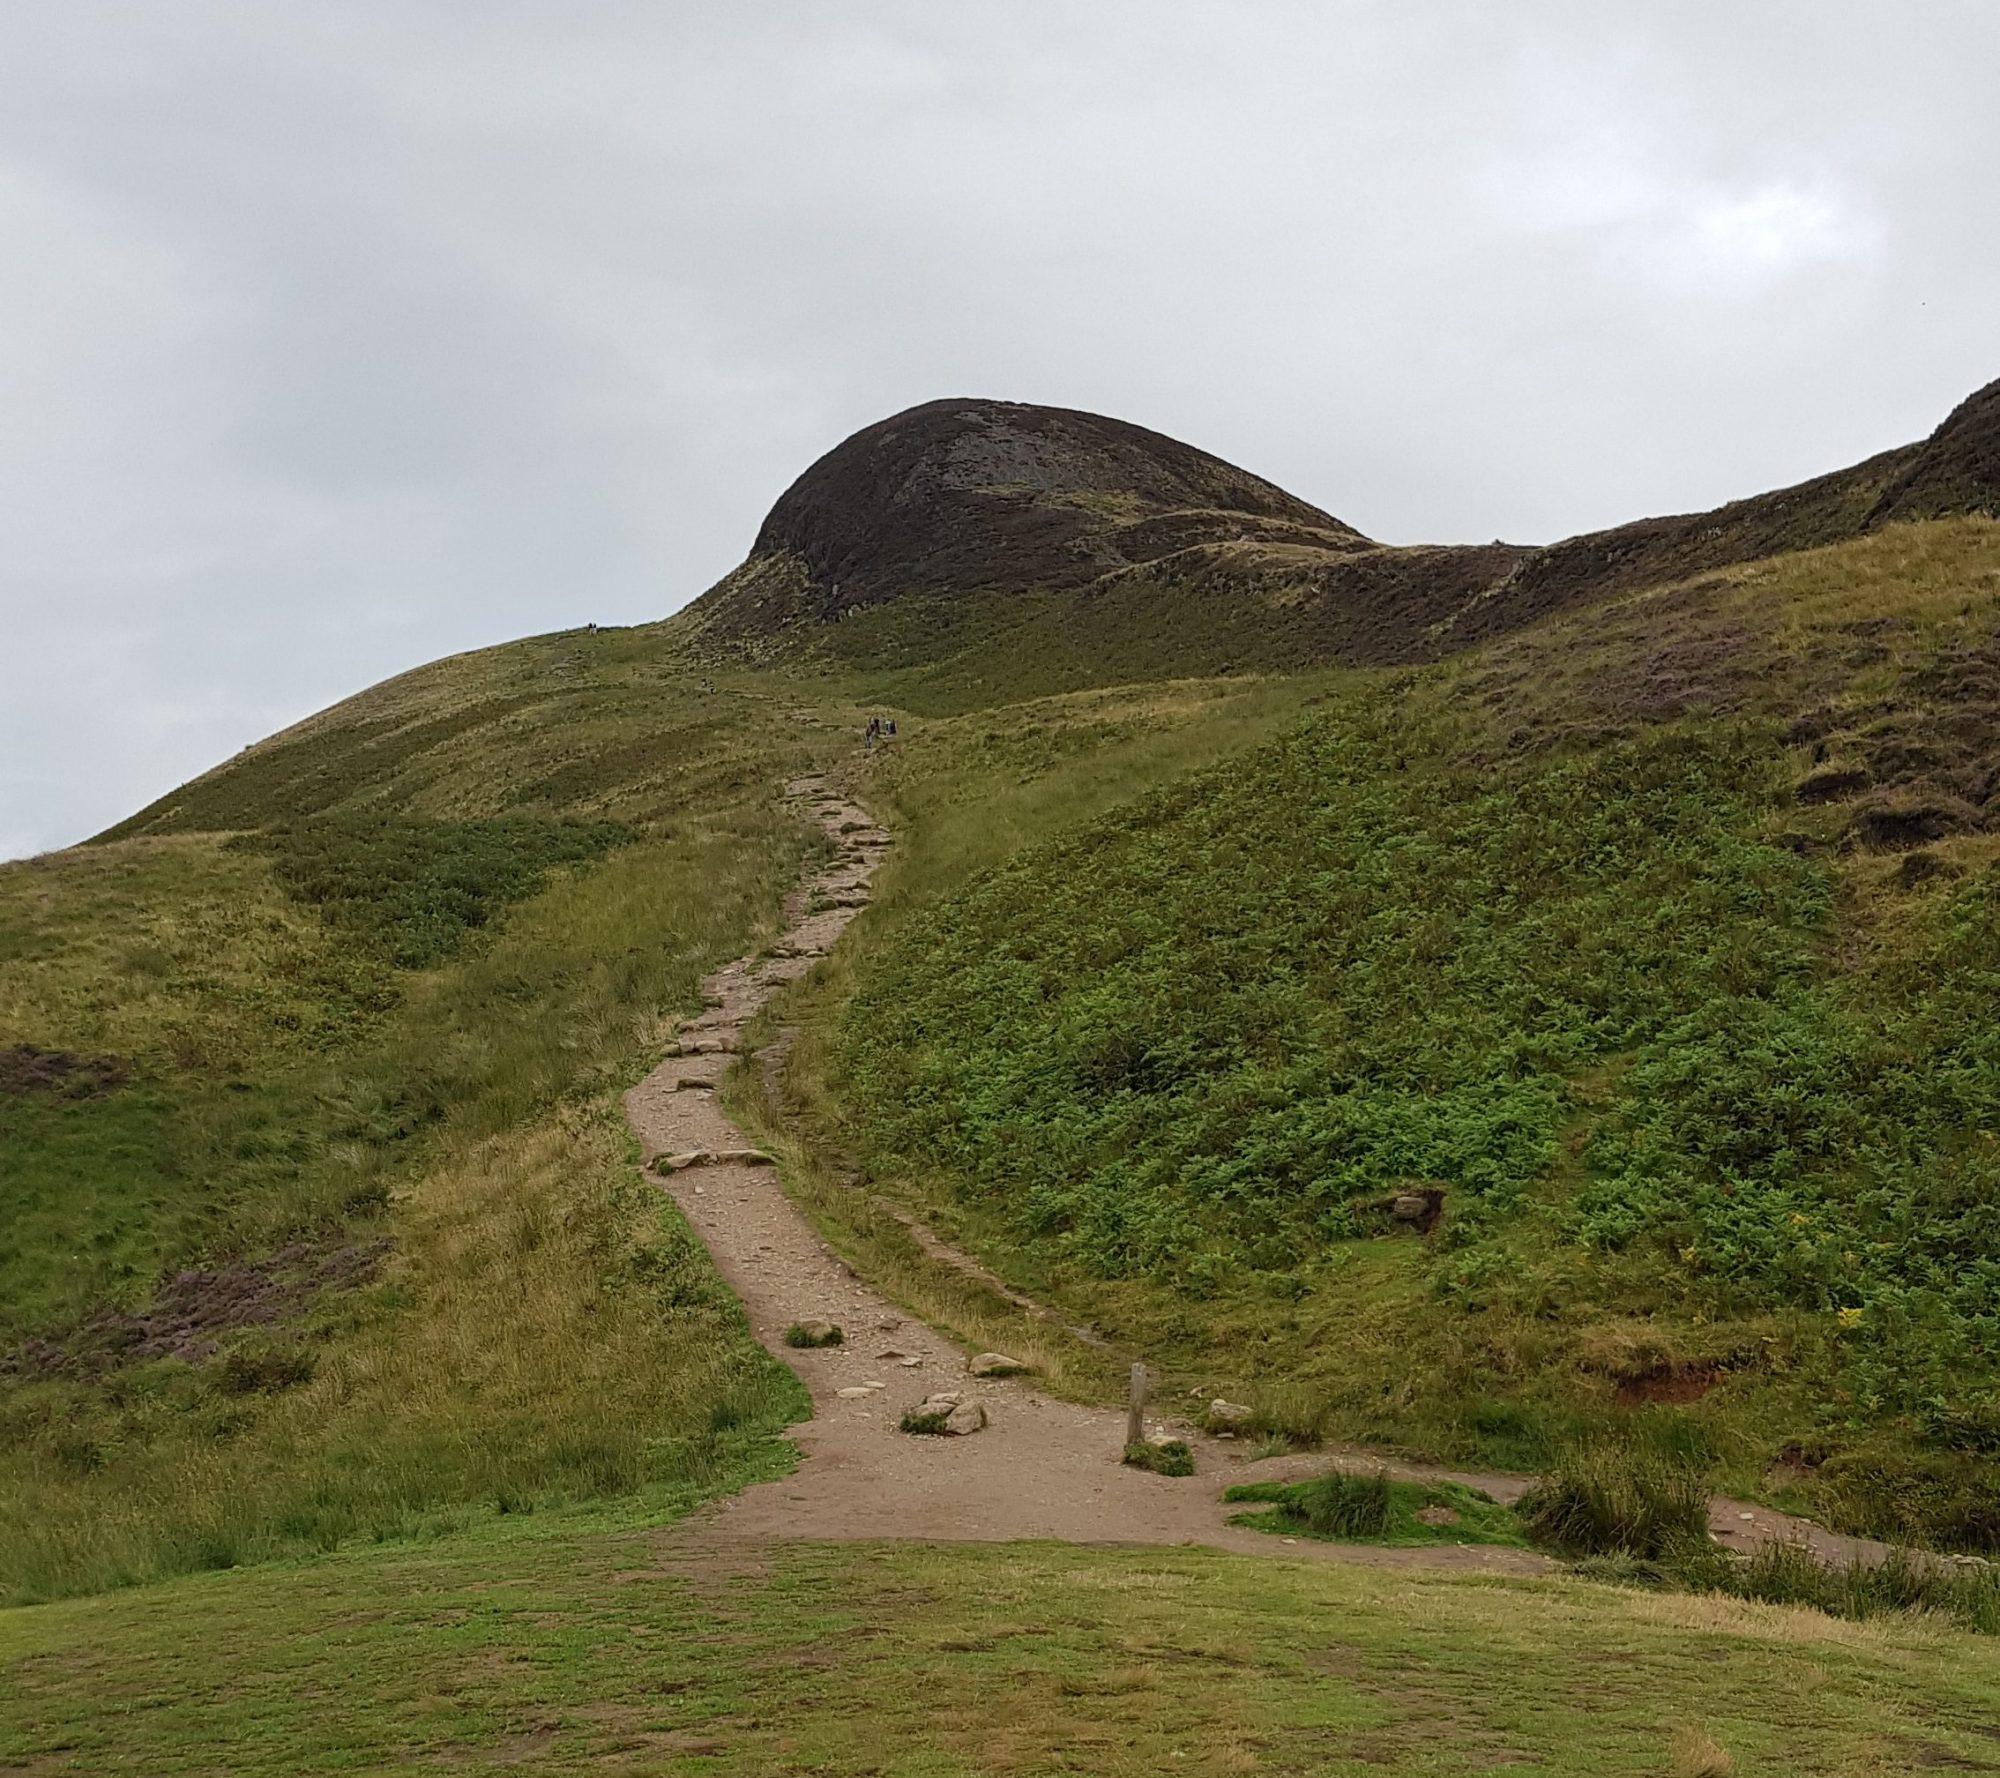 Letzter Anstieg zum Conic Hill, West Highland Way, Schottland, Wanderung, Weitwandern, Trekking, Highlands